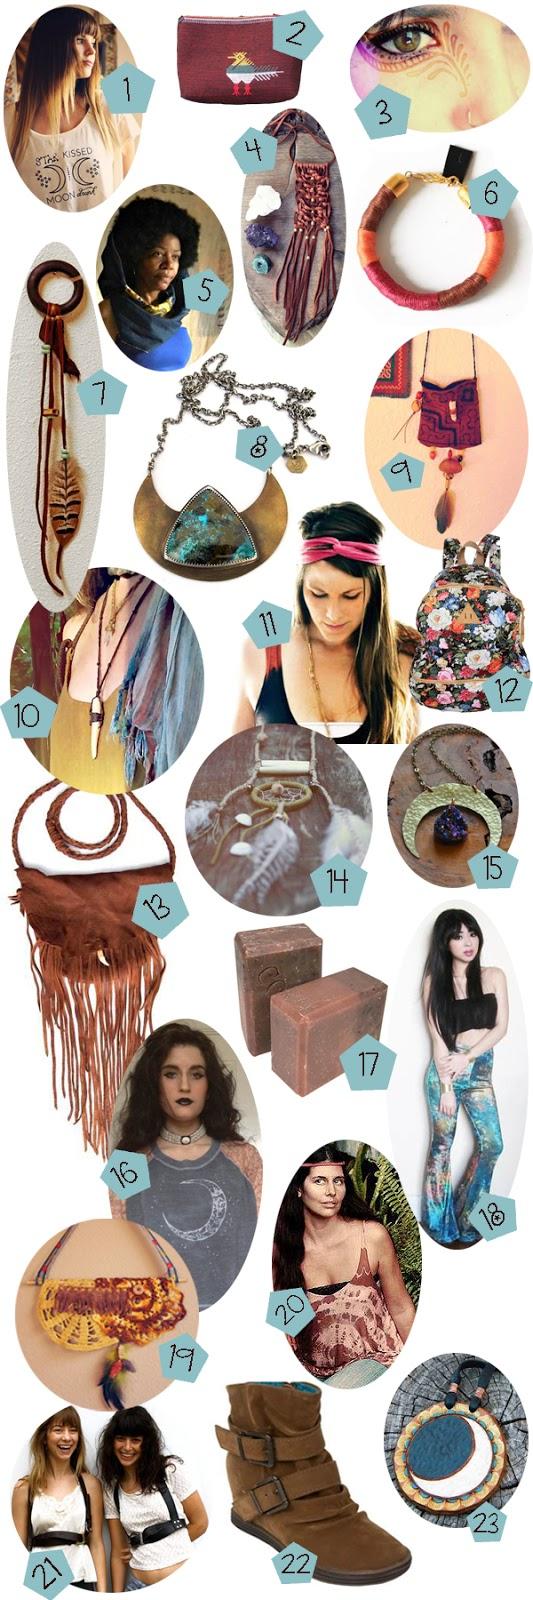 xmas+shopping+guide.jpg